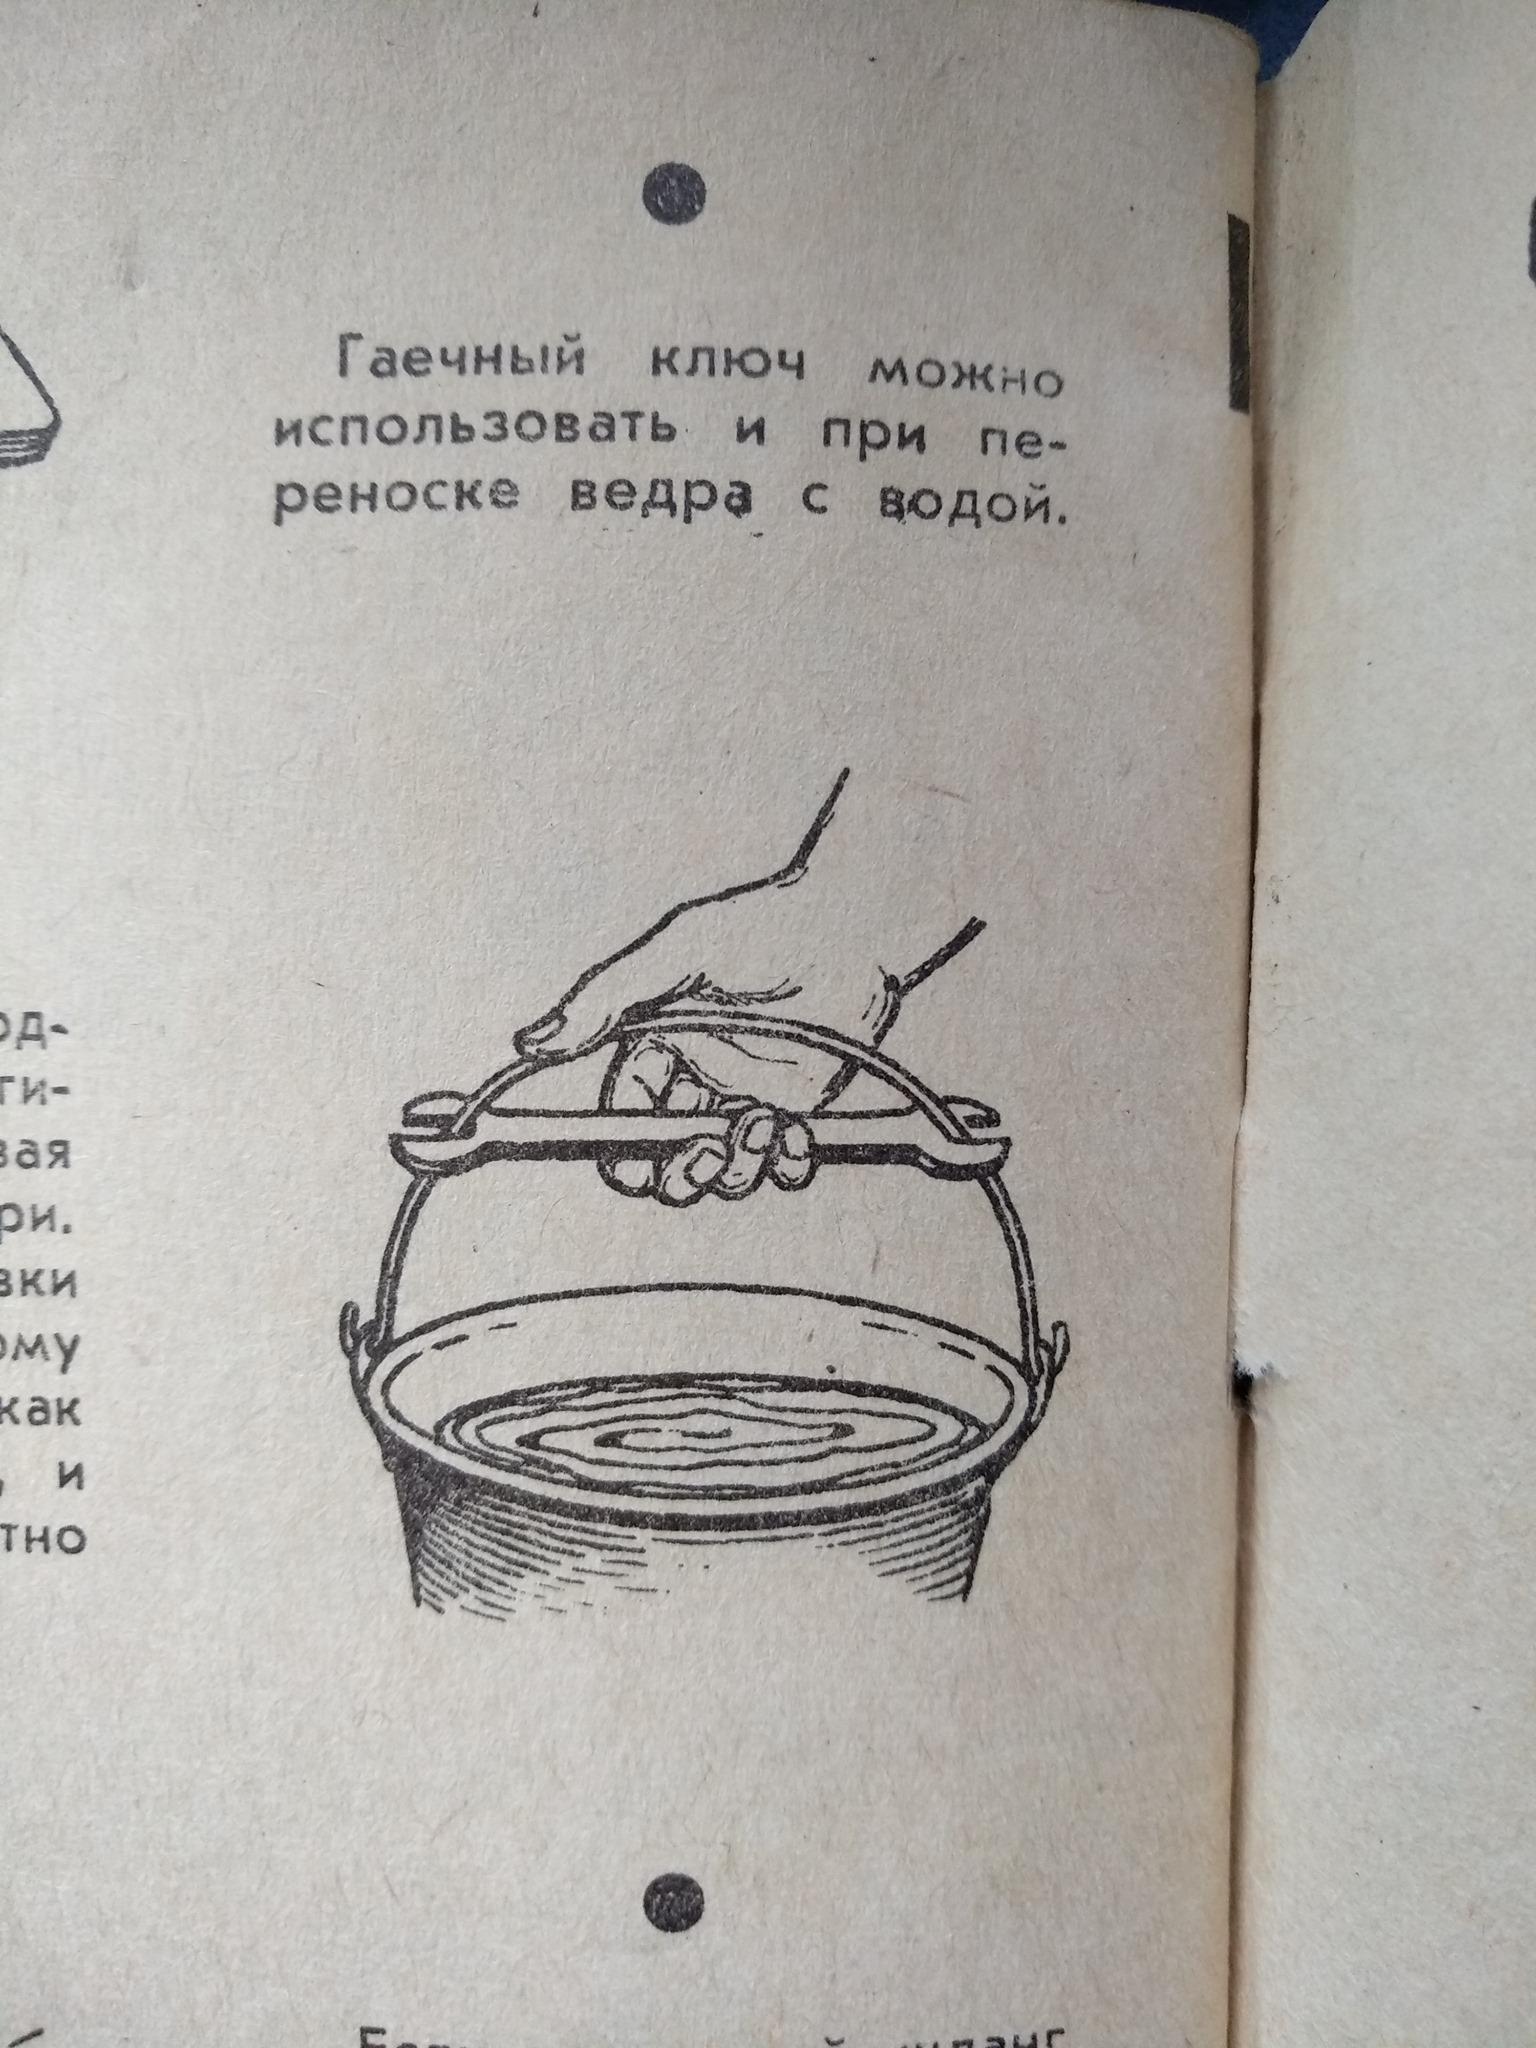 http://www.picshare.ru/uploads/190701/XB7z6KmB3u.jpg